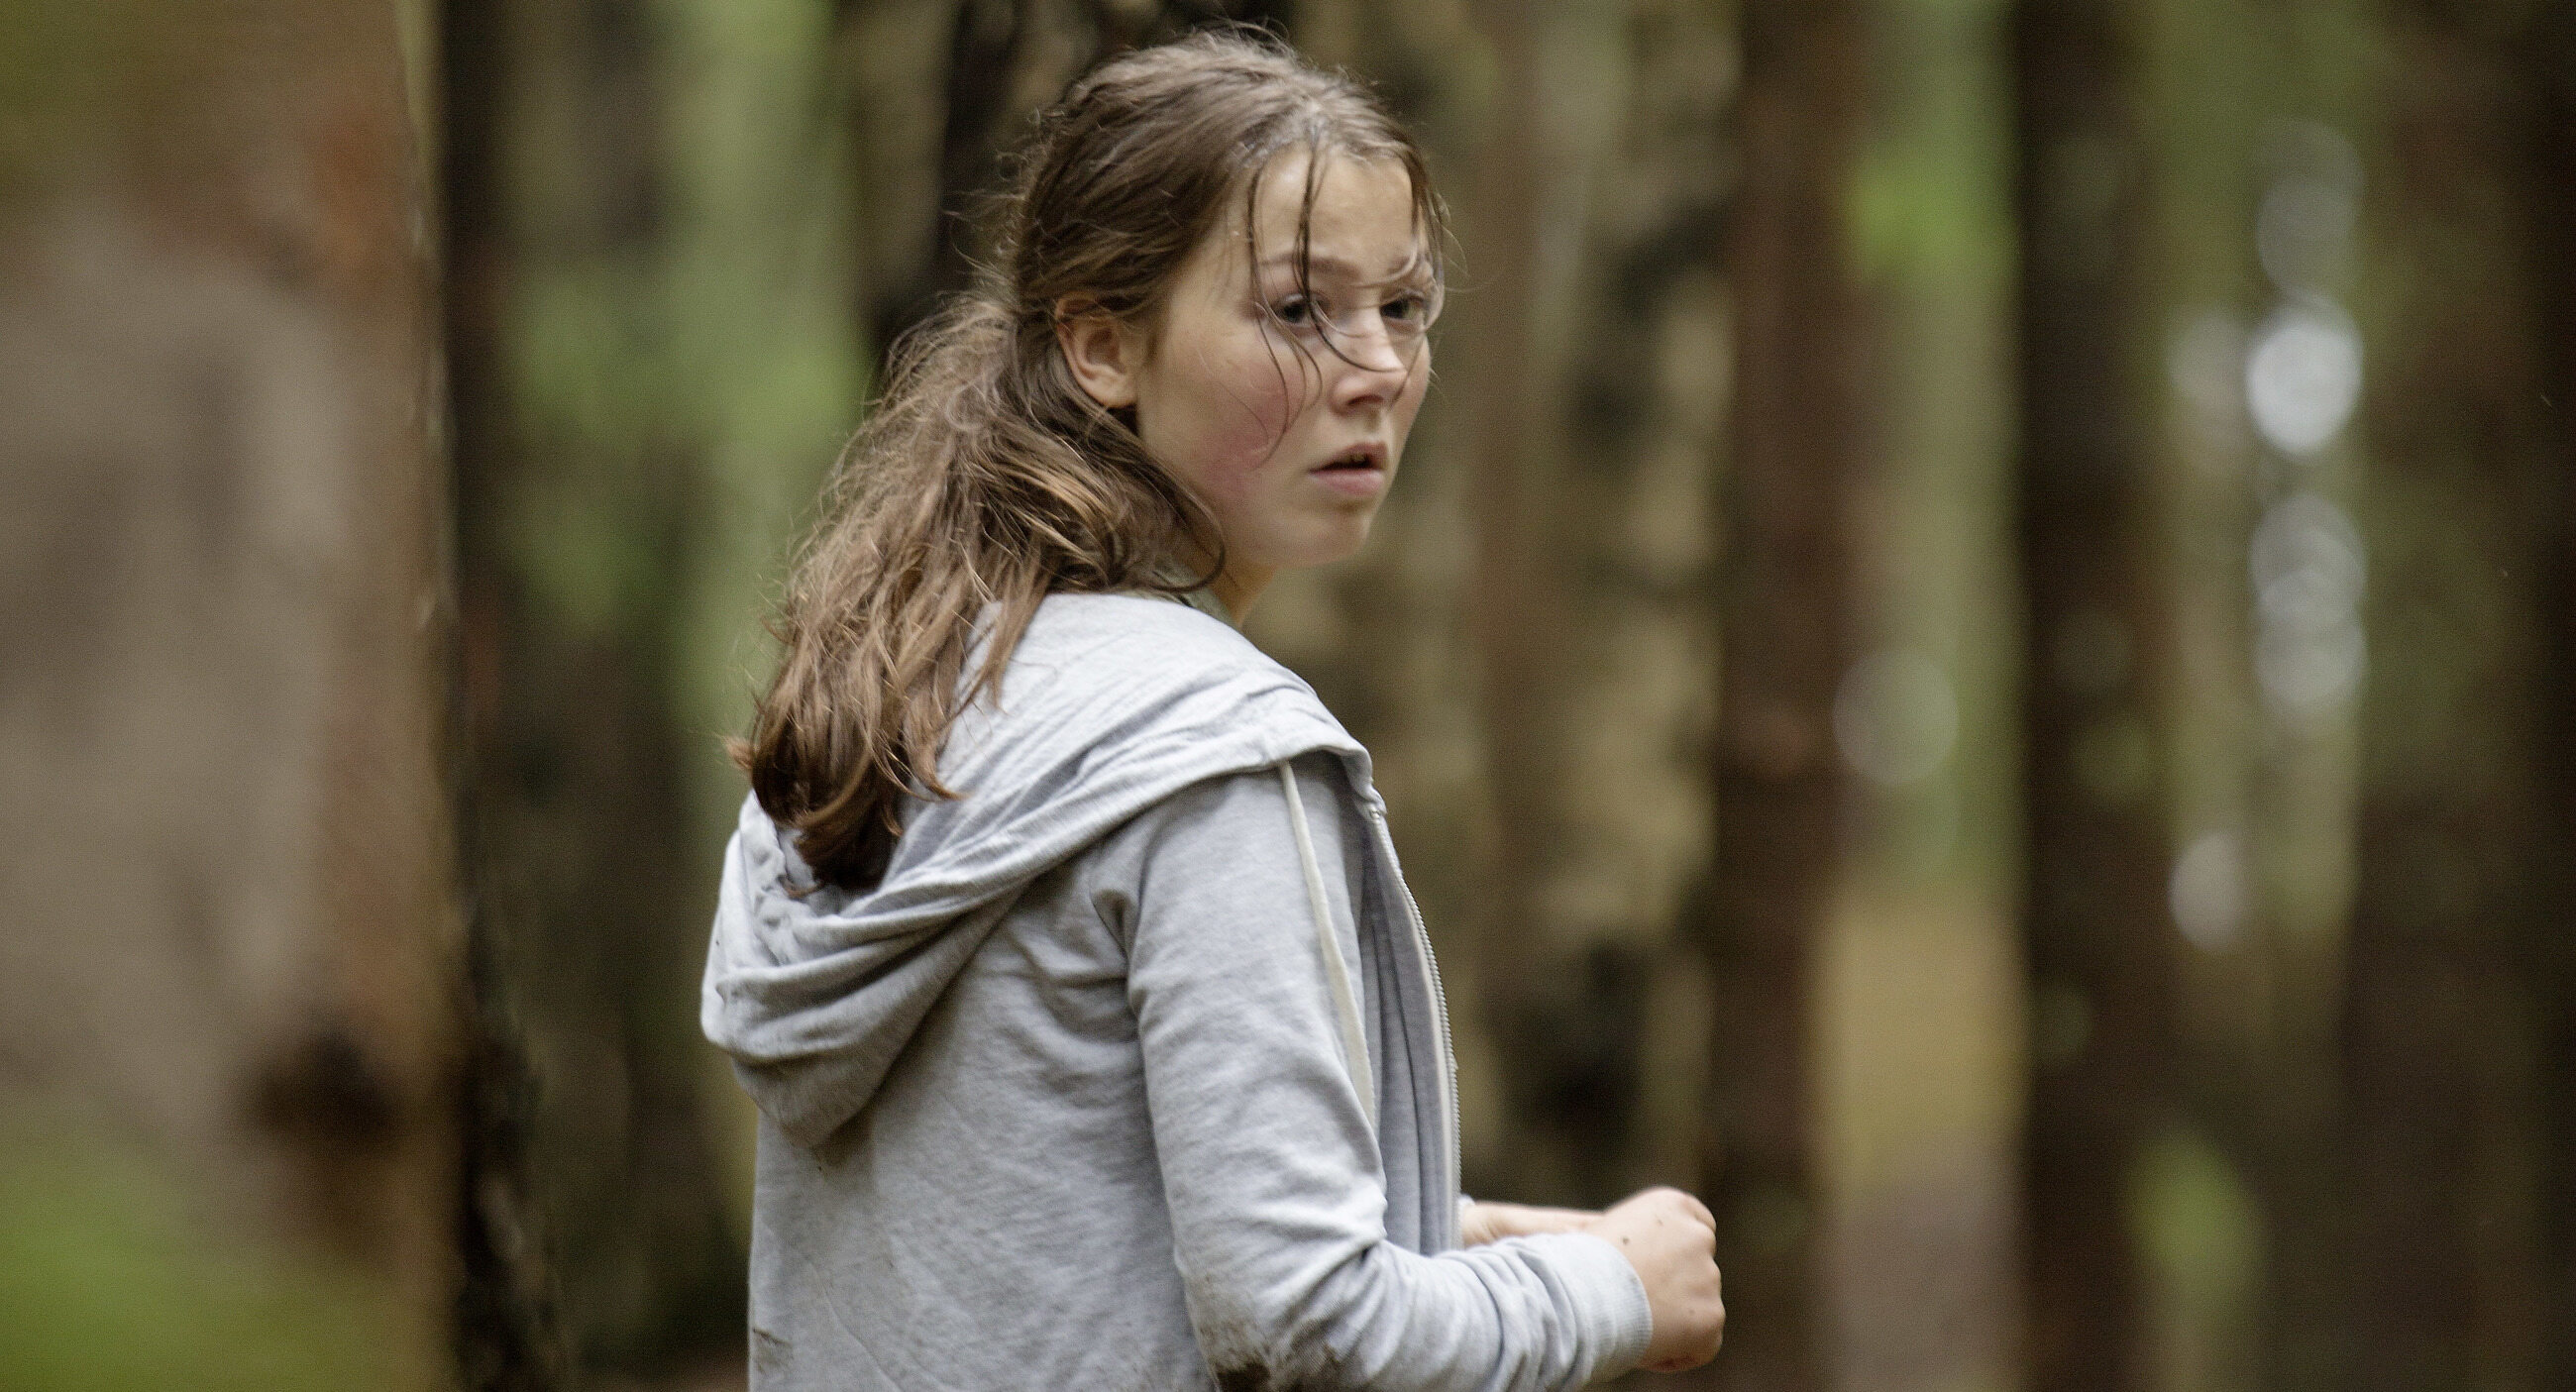 Utoya 22 lipca - Berlinale '18